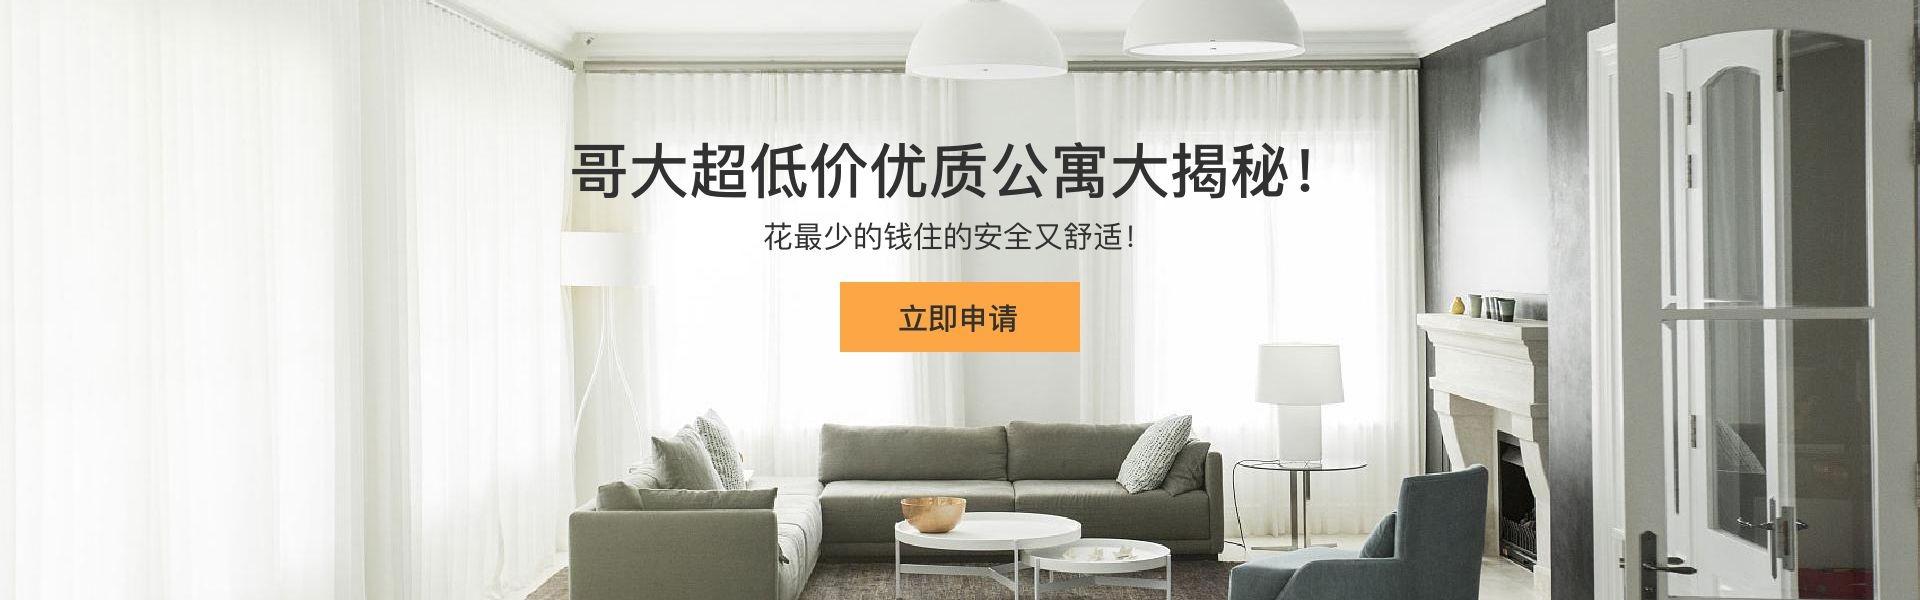 哥大超低价优质公寓大揭秘!